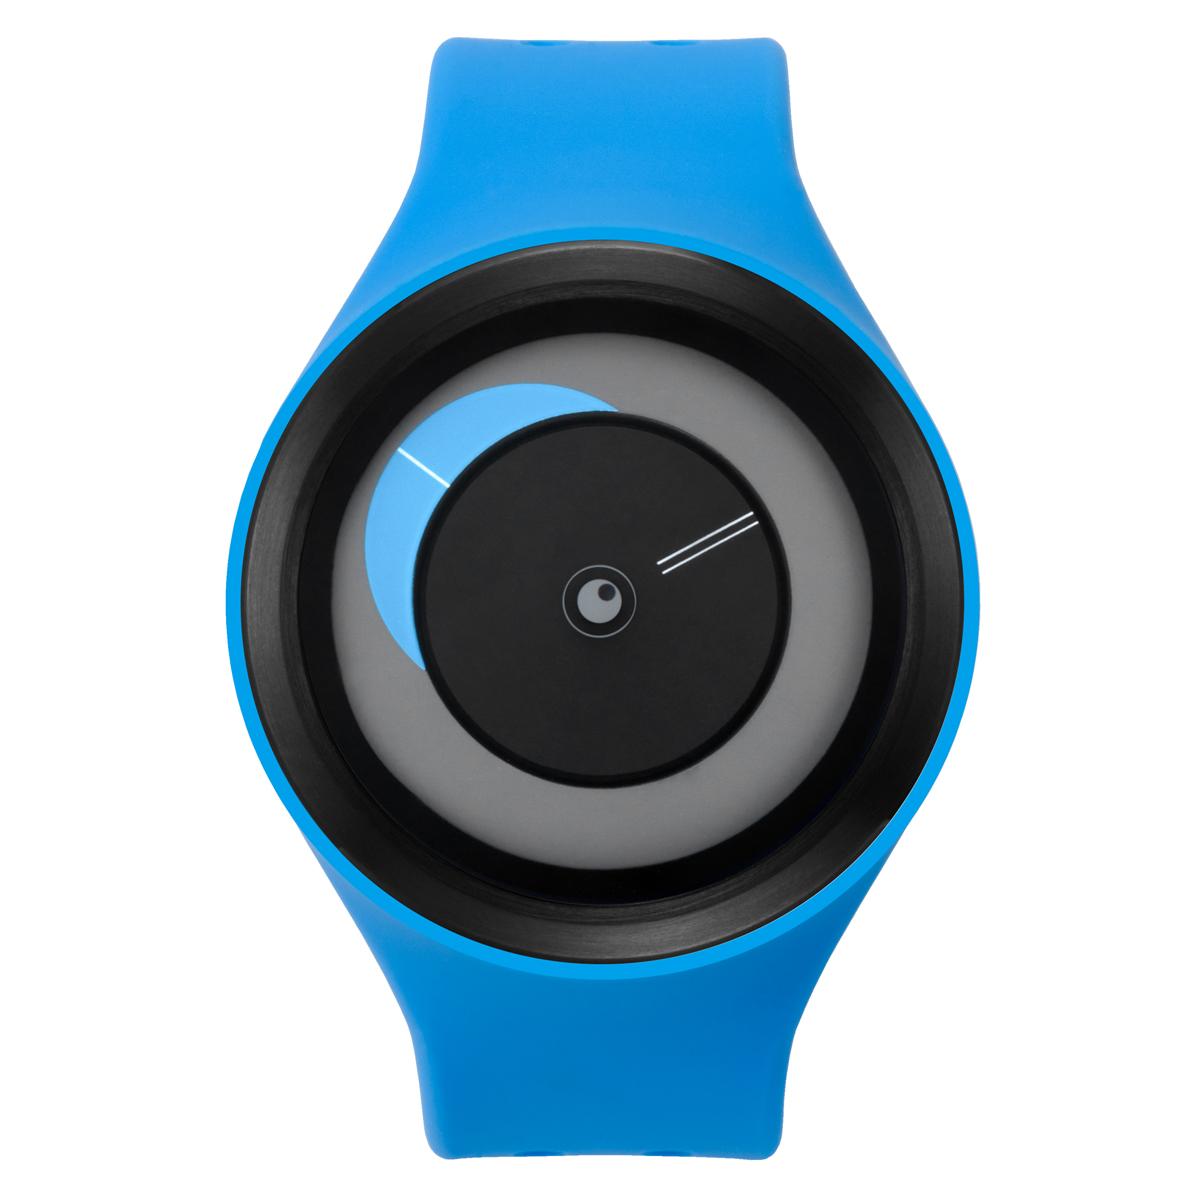 ZEROO CRESCENT MOON ゼロ 電池式クォーツ 腕時計 [W01101B03SR04] ブルー デザインウォッチ ペア用 メンズ レディース ユニセックス おしゃれ時計 デザイナーズ